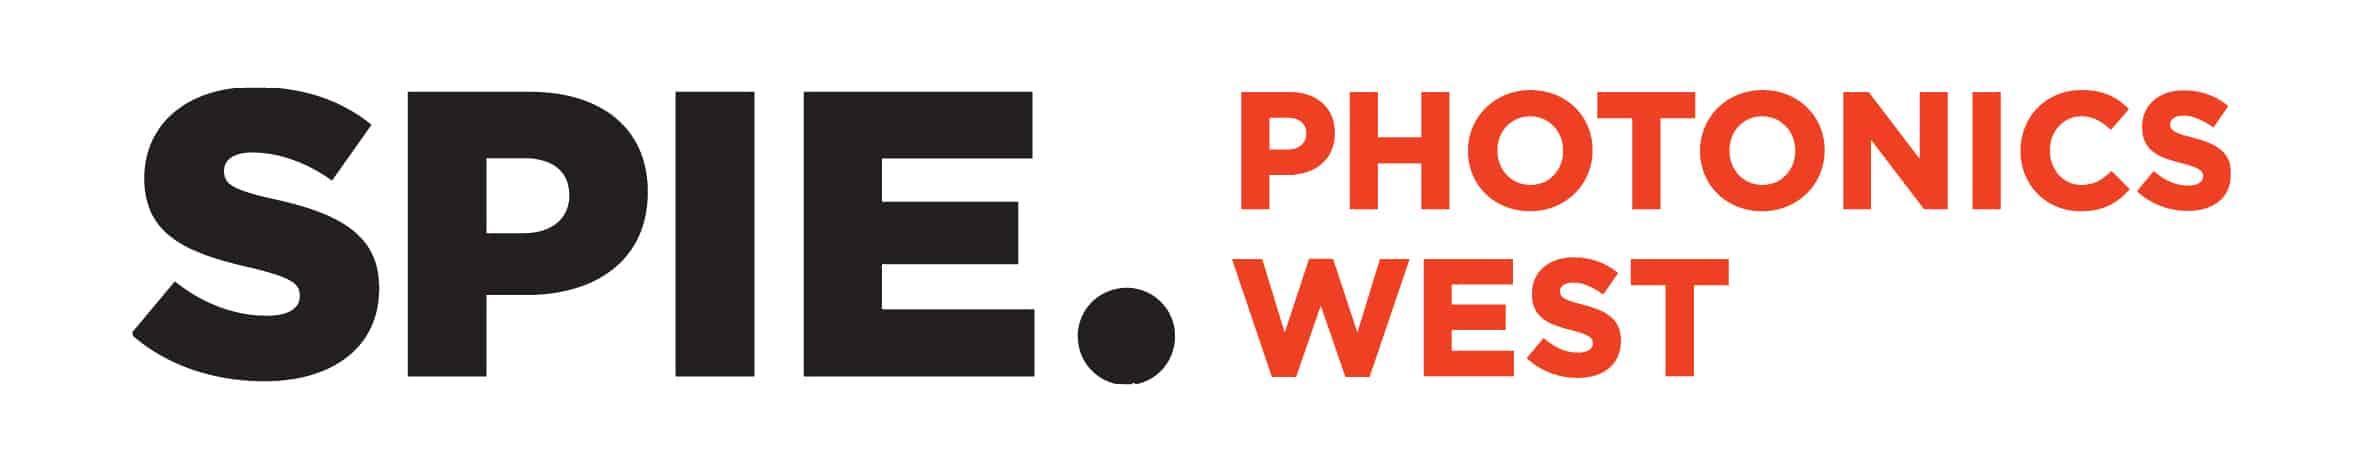 Photonics West Logo